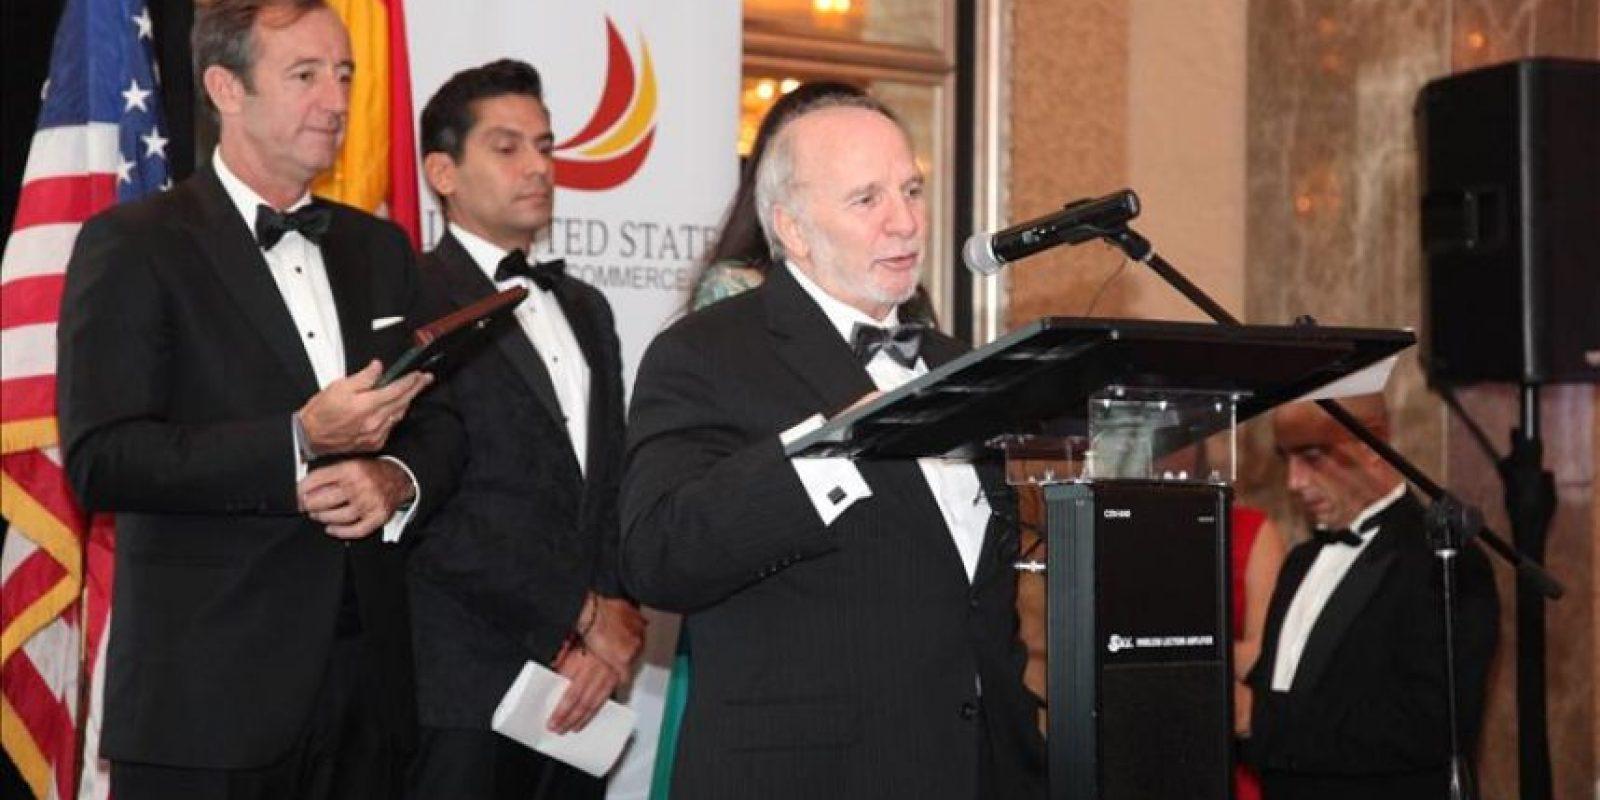 Laureano García (c), vicepresidente de Efe News, habla durante la trigésimo cuarta gala de la Cámara de Comercio España-EE.UU. que se lleva a cabo este 13 de diciembre 2014, en Coral Gables, Florida (EE.UU.). EFE